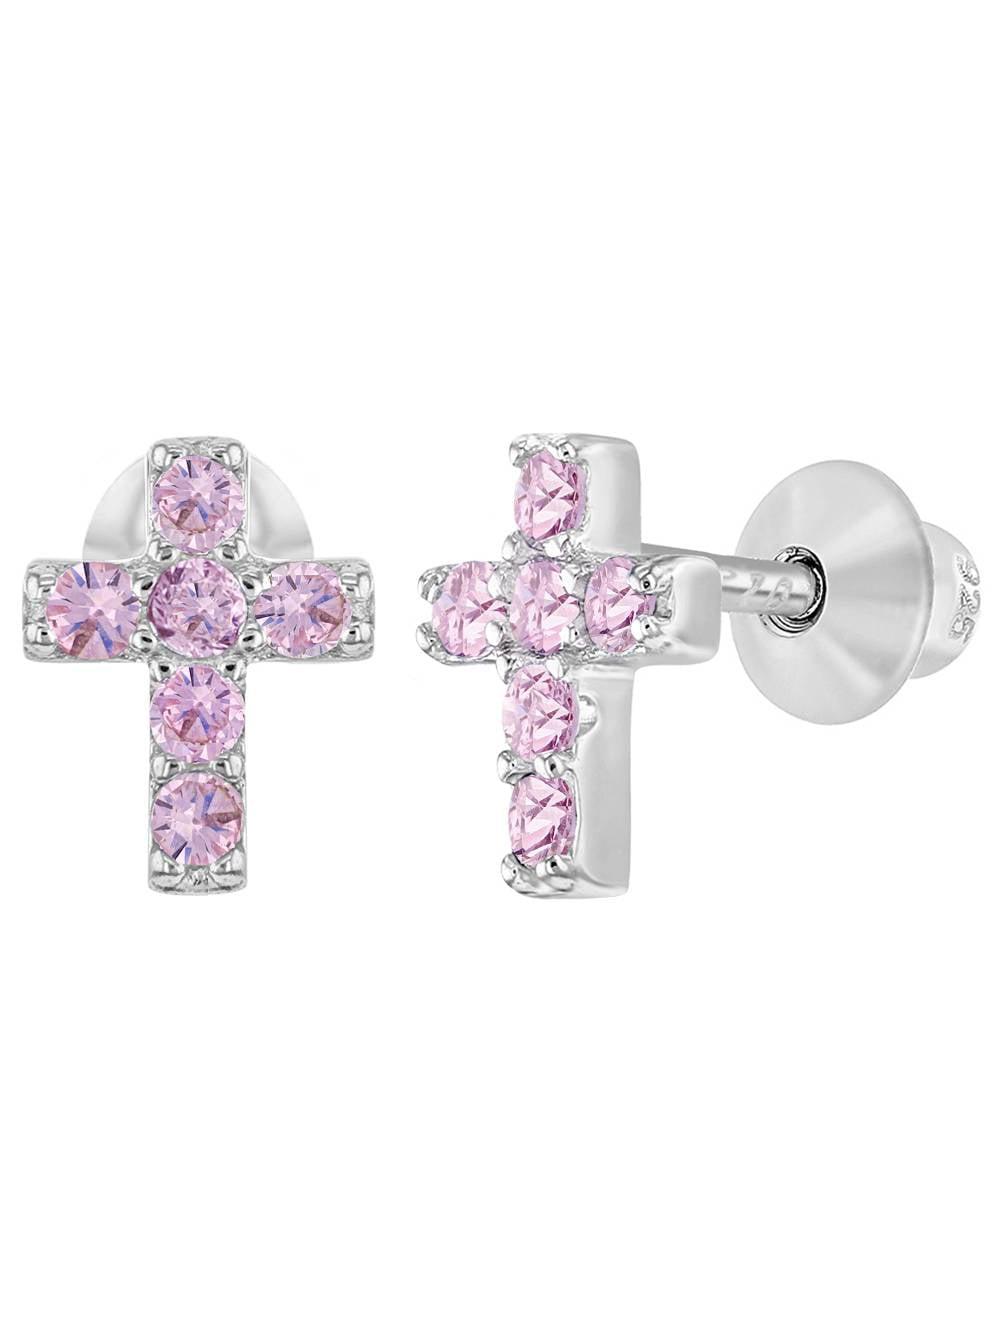 925 Sterling Silver CZ Kids Toddler Baby Cross Earrings Screw Back